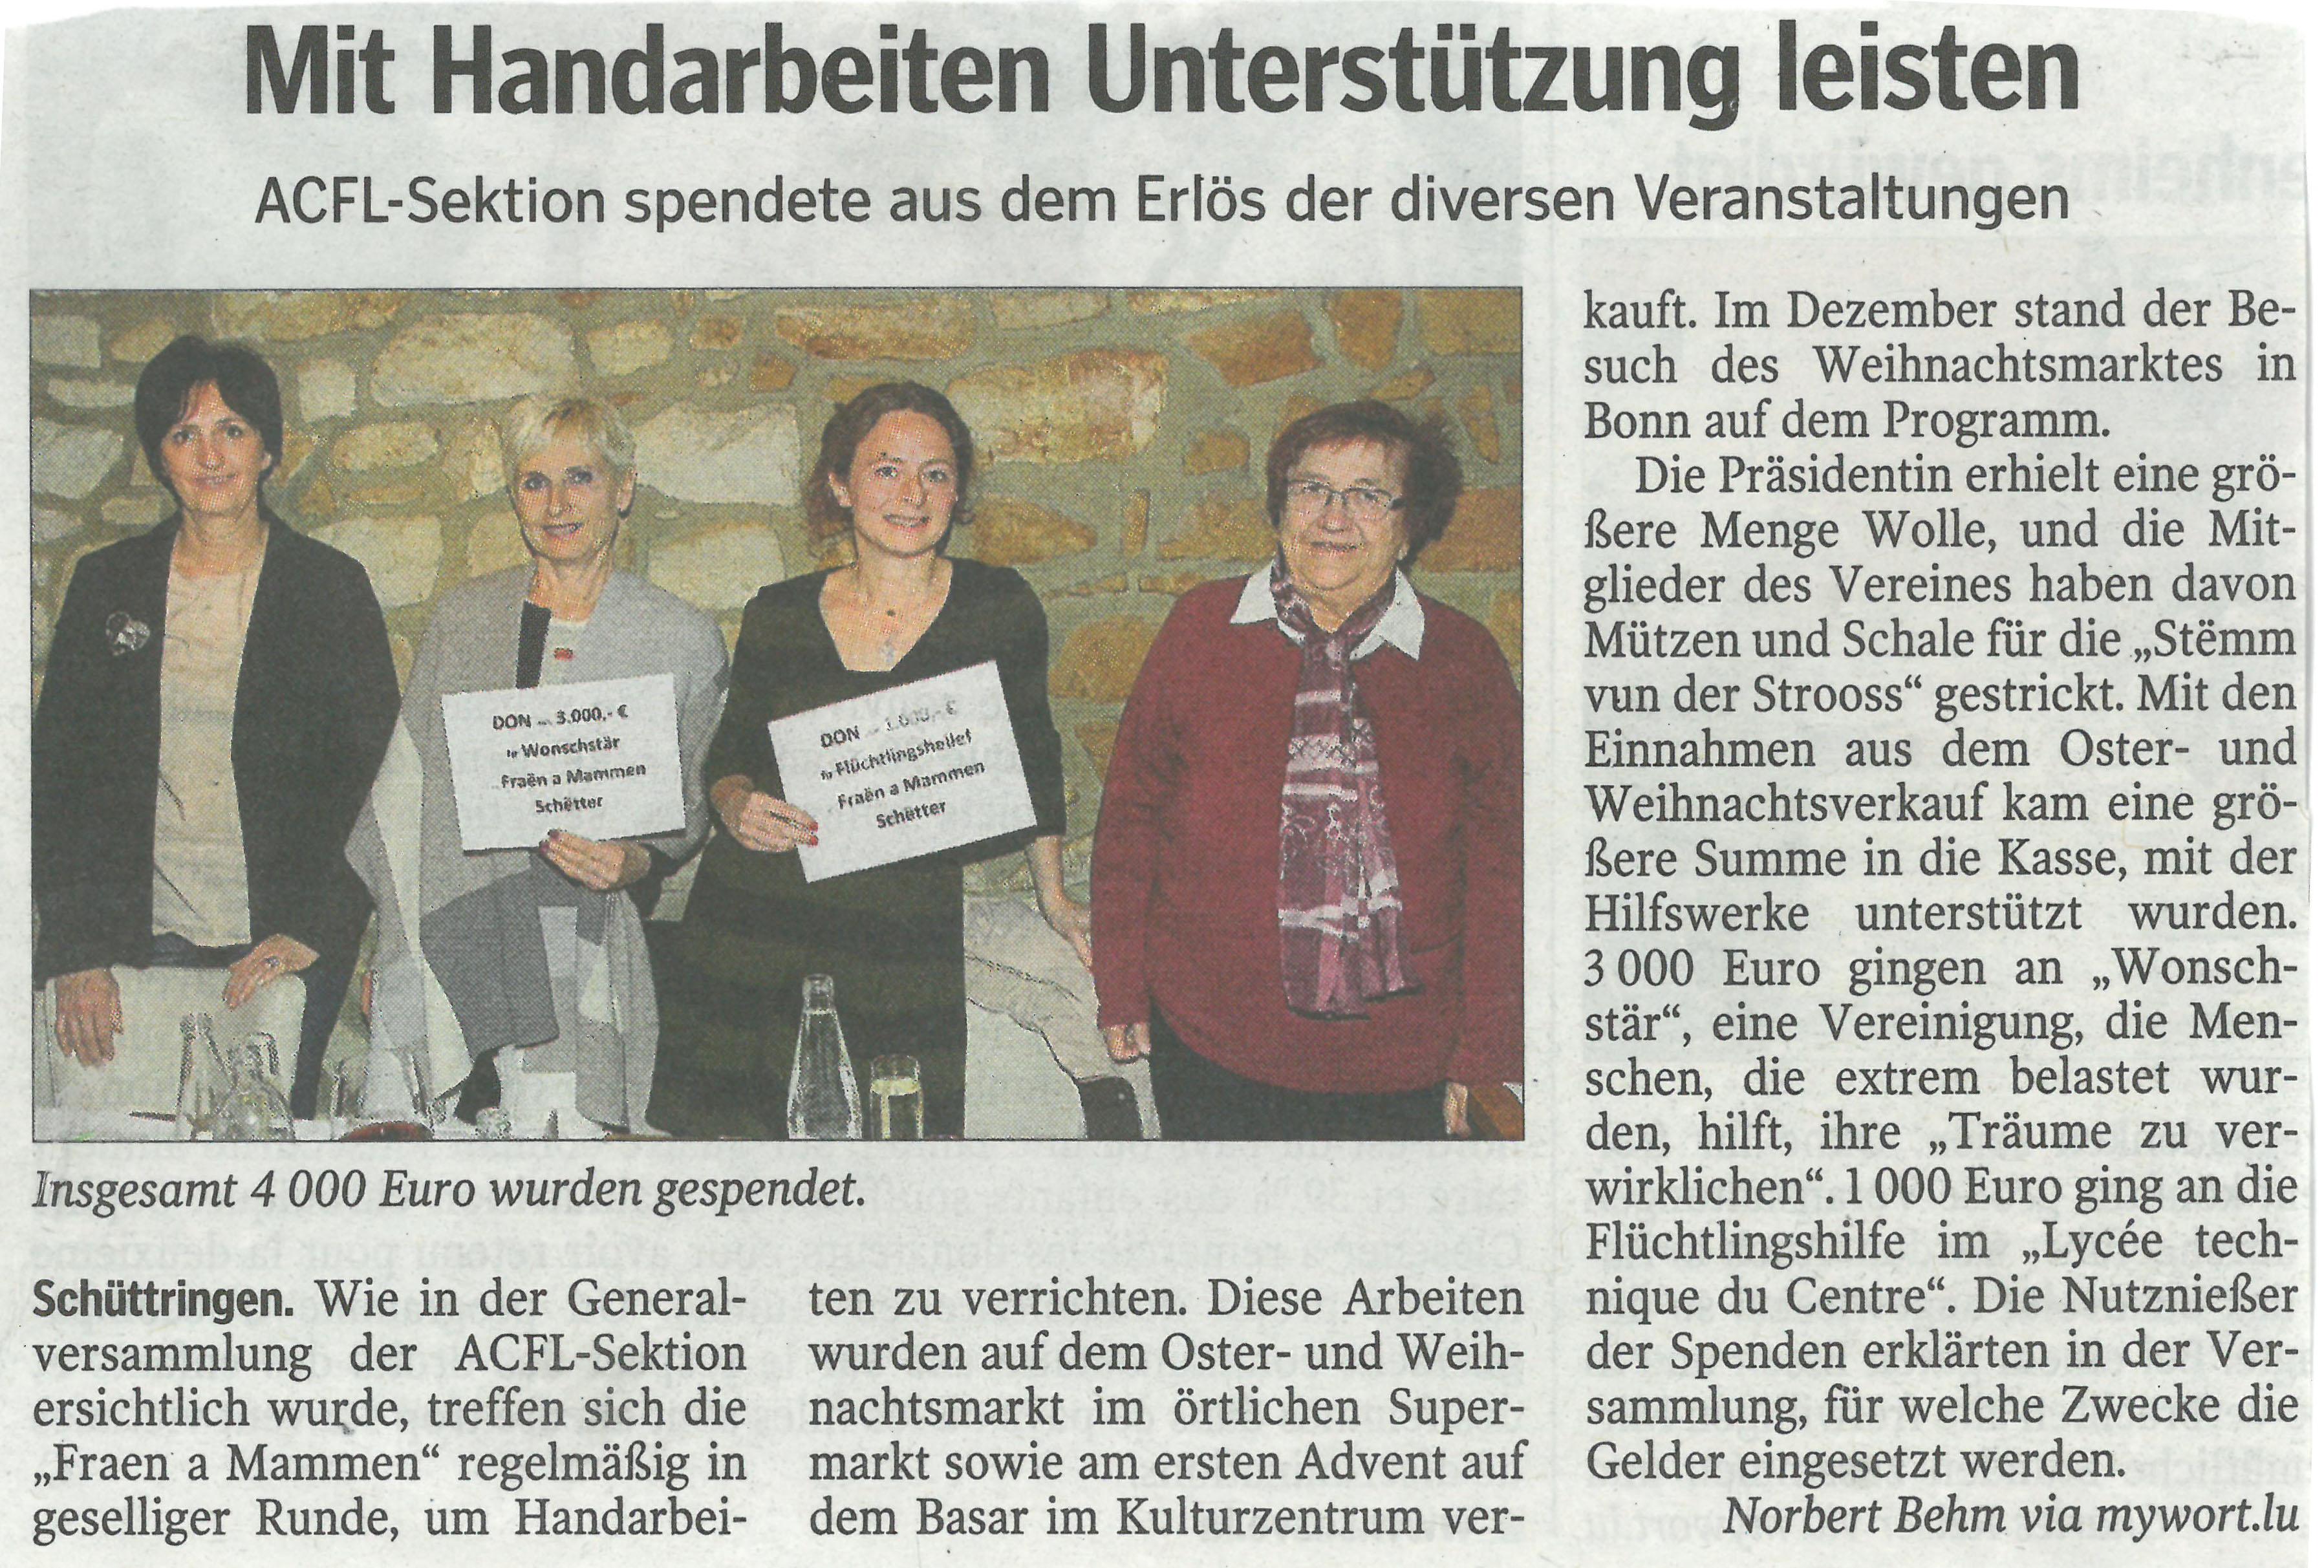 Mit Handarbeiten Unterstützung leisten paru en avril 2017